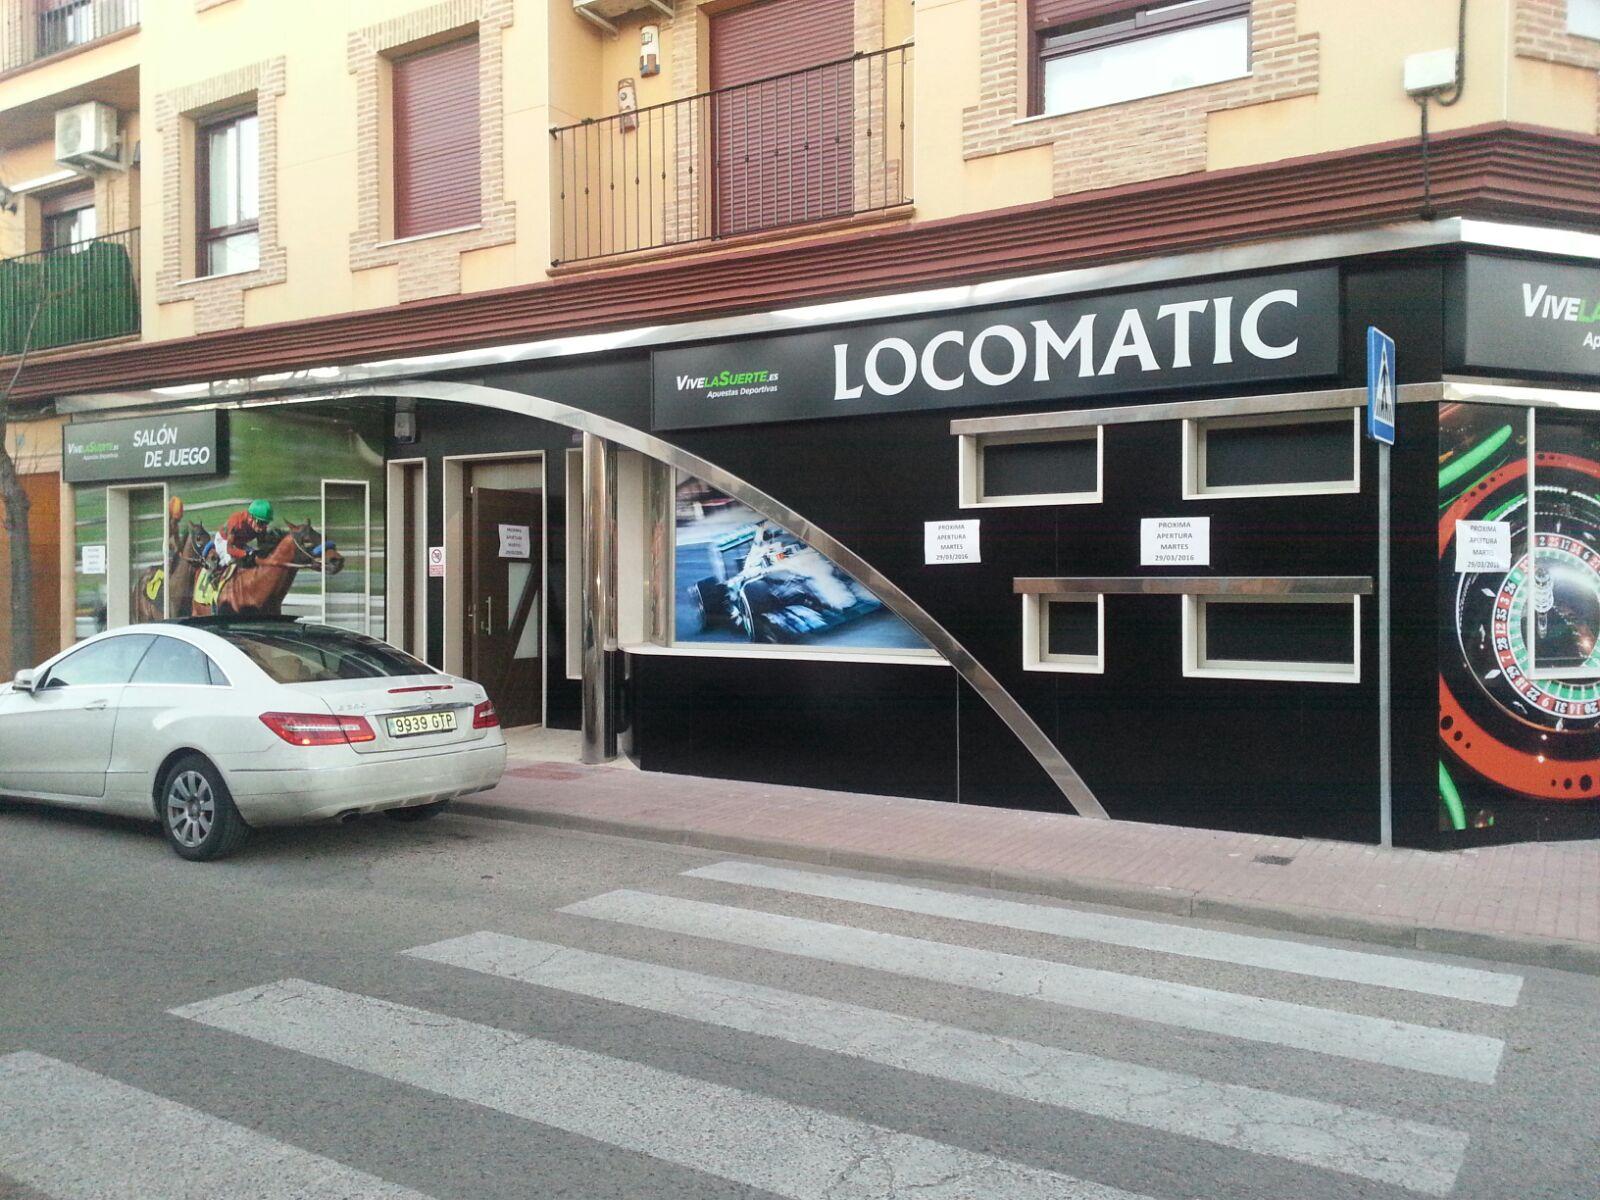 El salón de juego y apuestas Locomatic llega a Pedro Muñoz